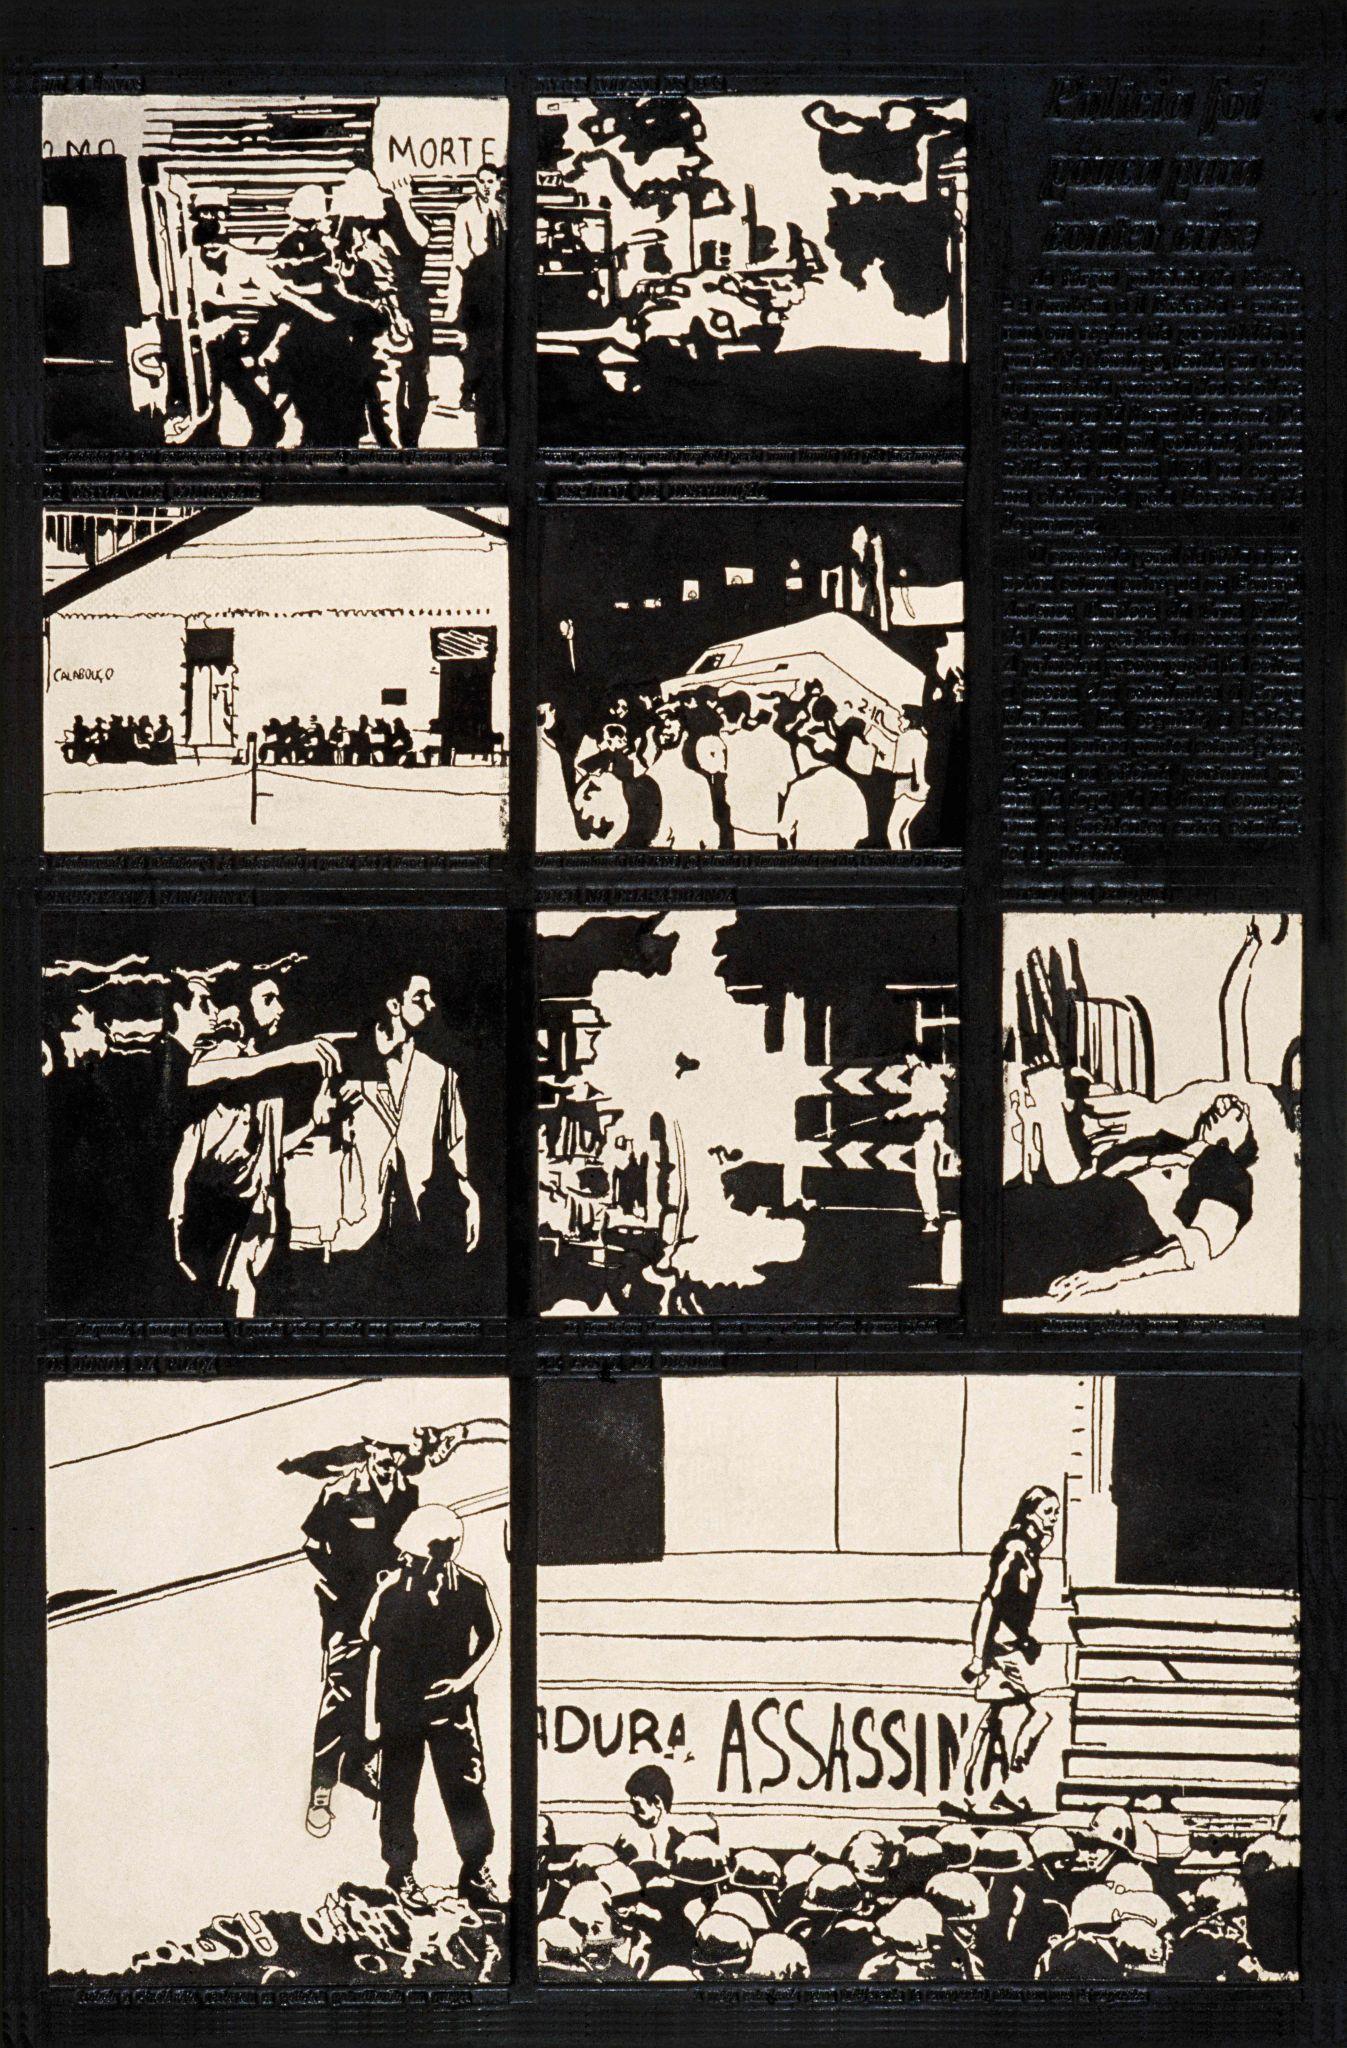 dura-assassina_1968